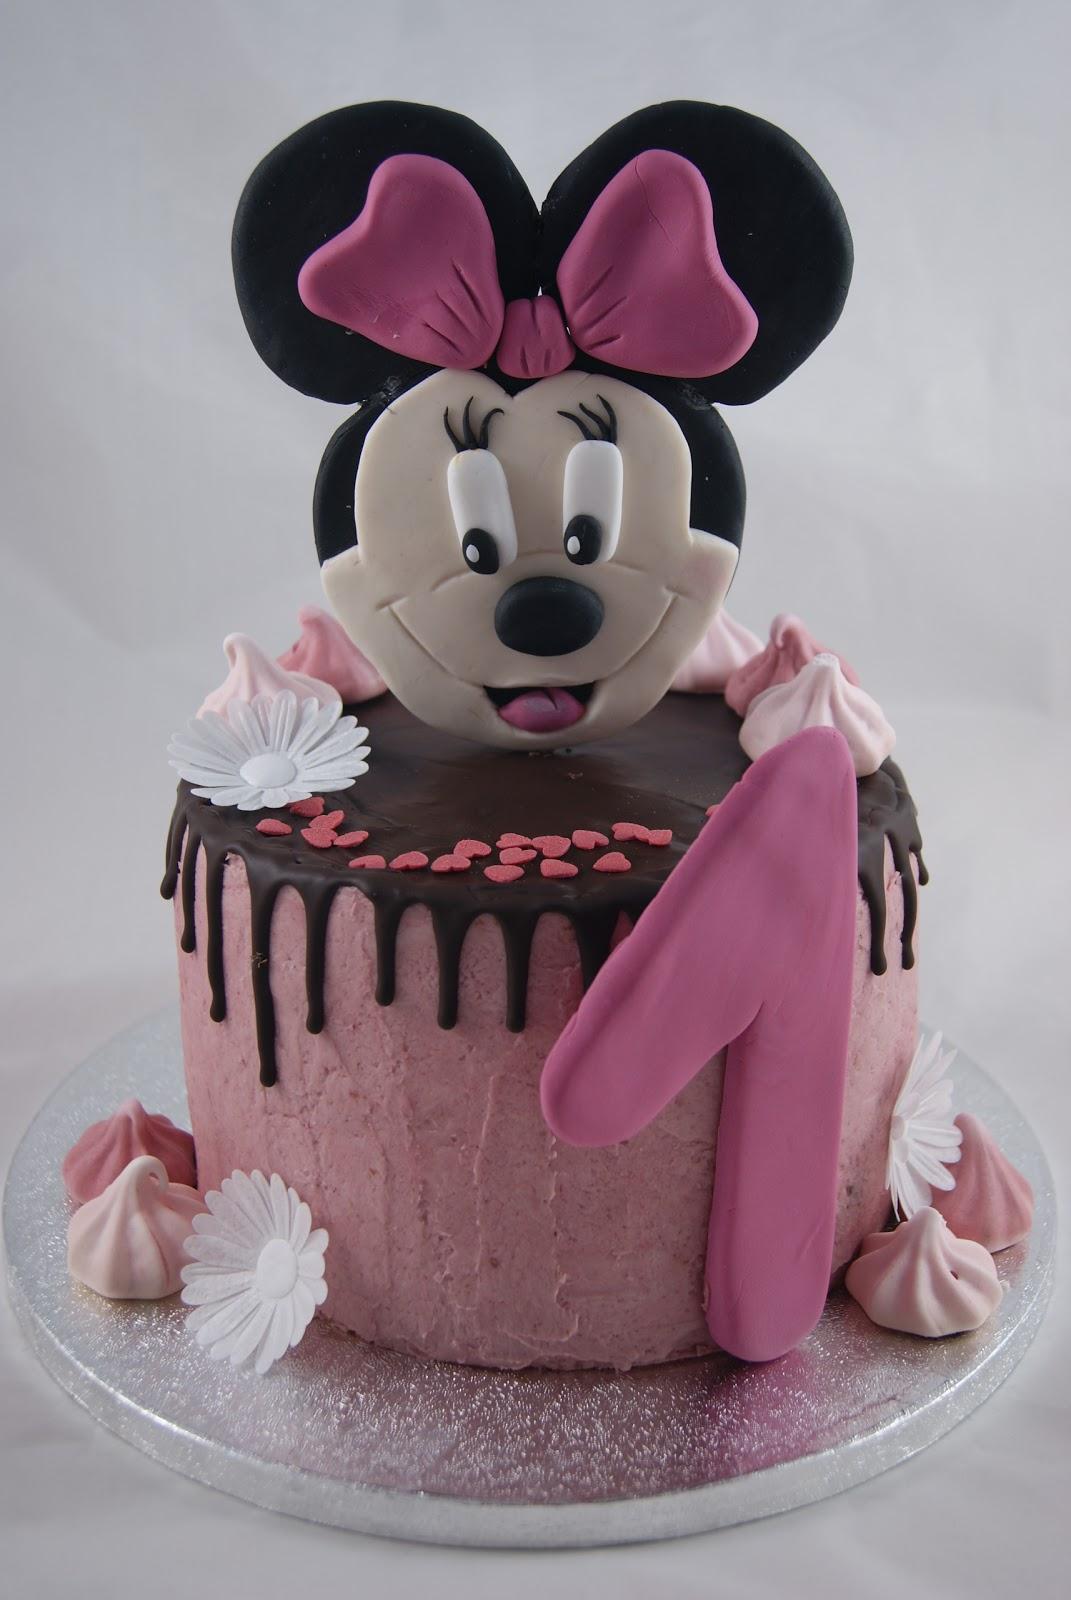 Minnie Maus Kuchen Backen 46 Genial Bilder Of Minnie Mouse Kuchen